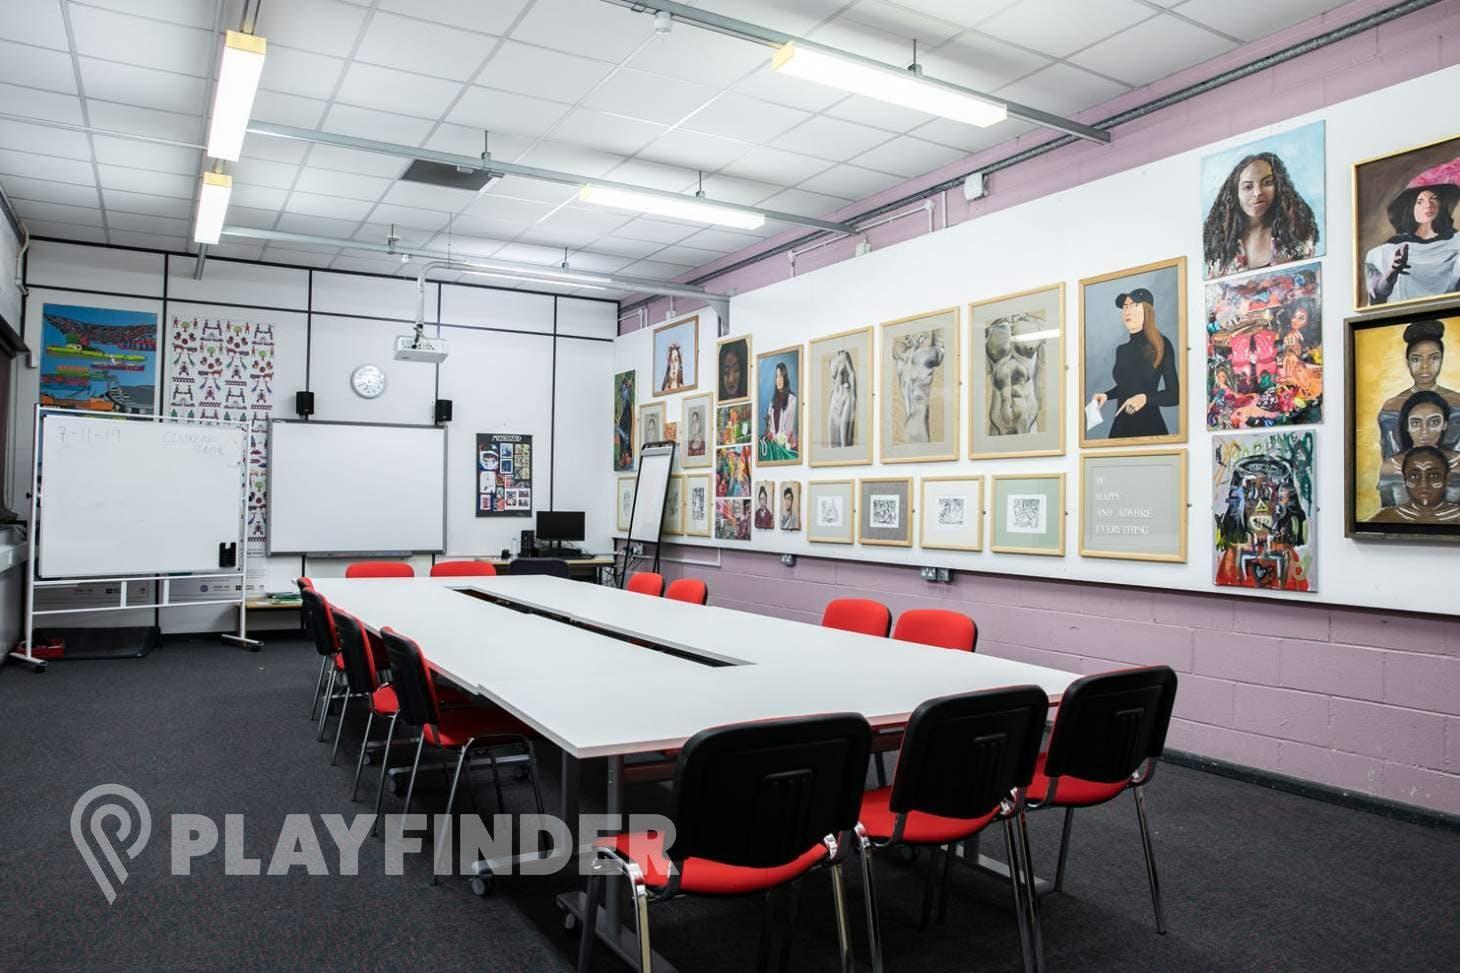 Brentside High School Meeting room space hire